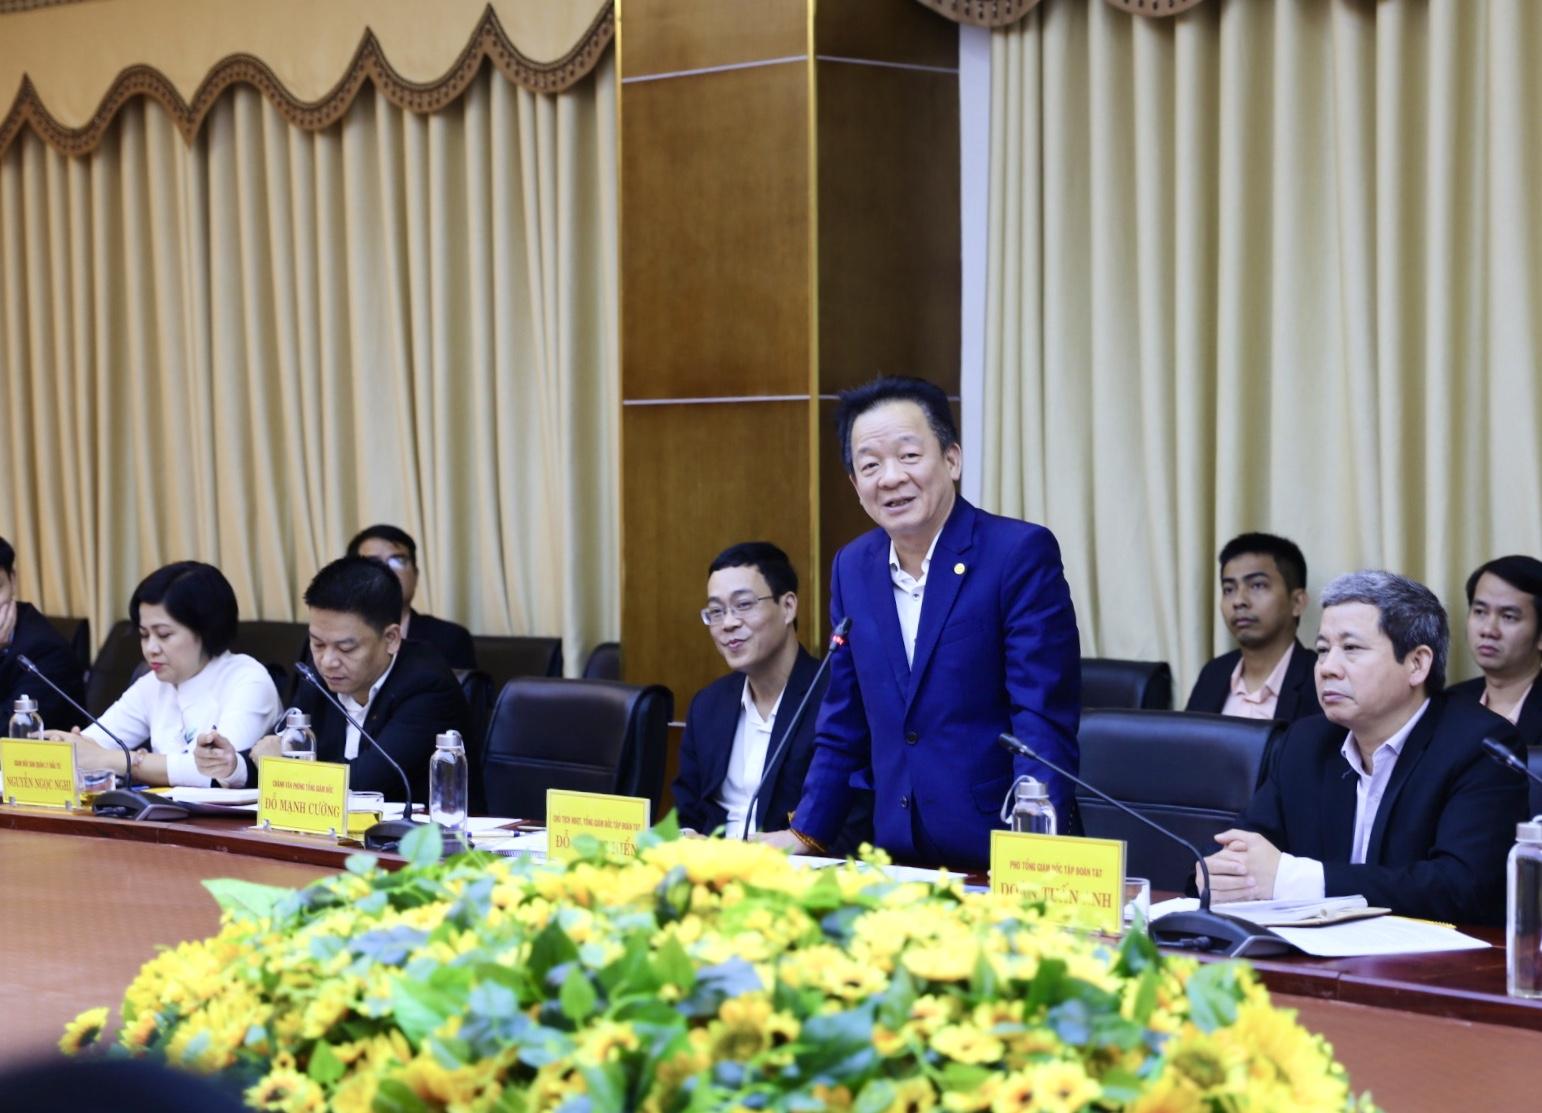 T&T Group đề xuất đầu tư dự án điện khí LNG khoảng 4,4 tỷ USD tại tỉnh Quảng Trị  - ảnh 1